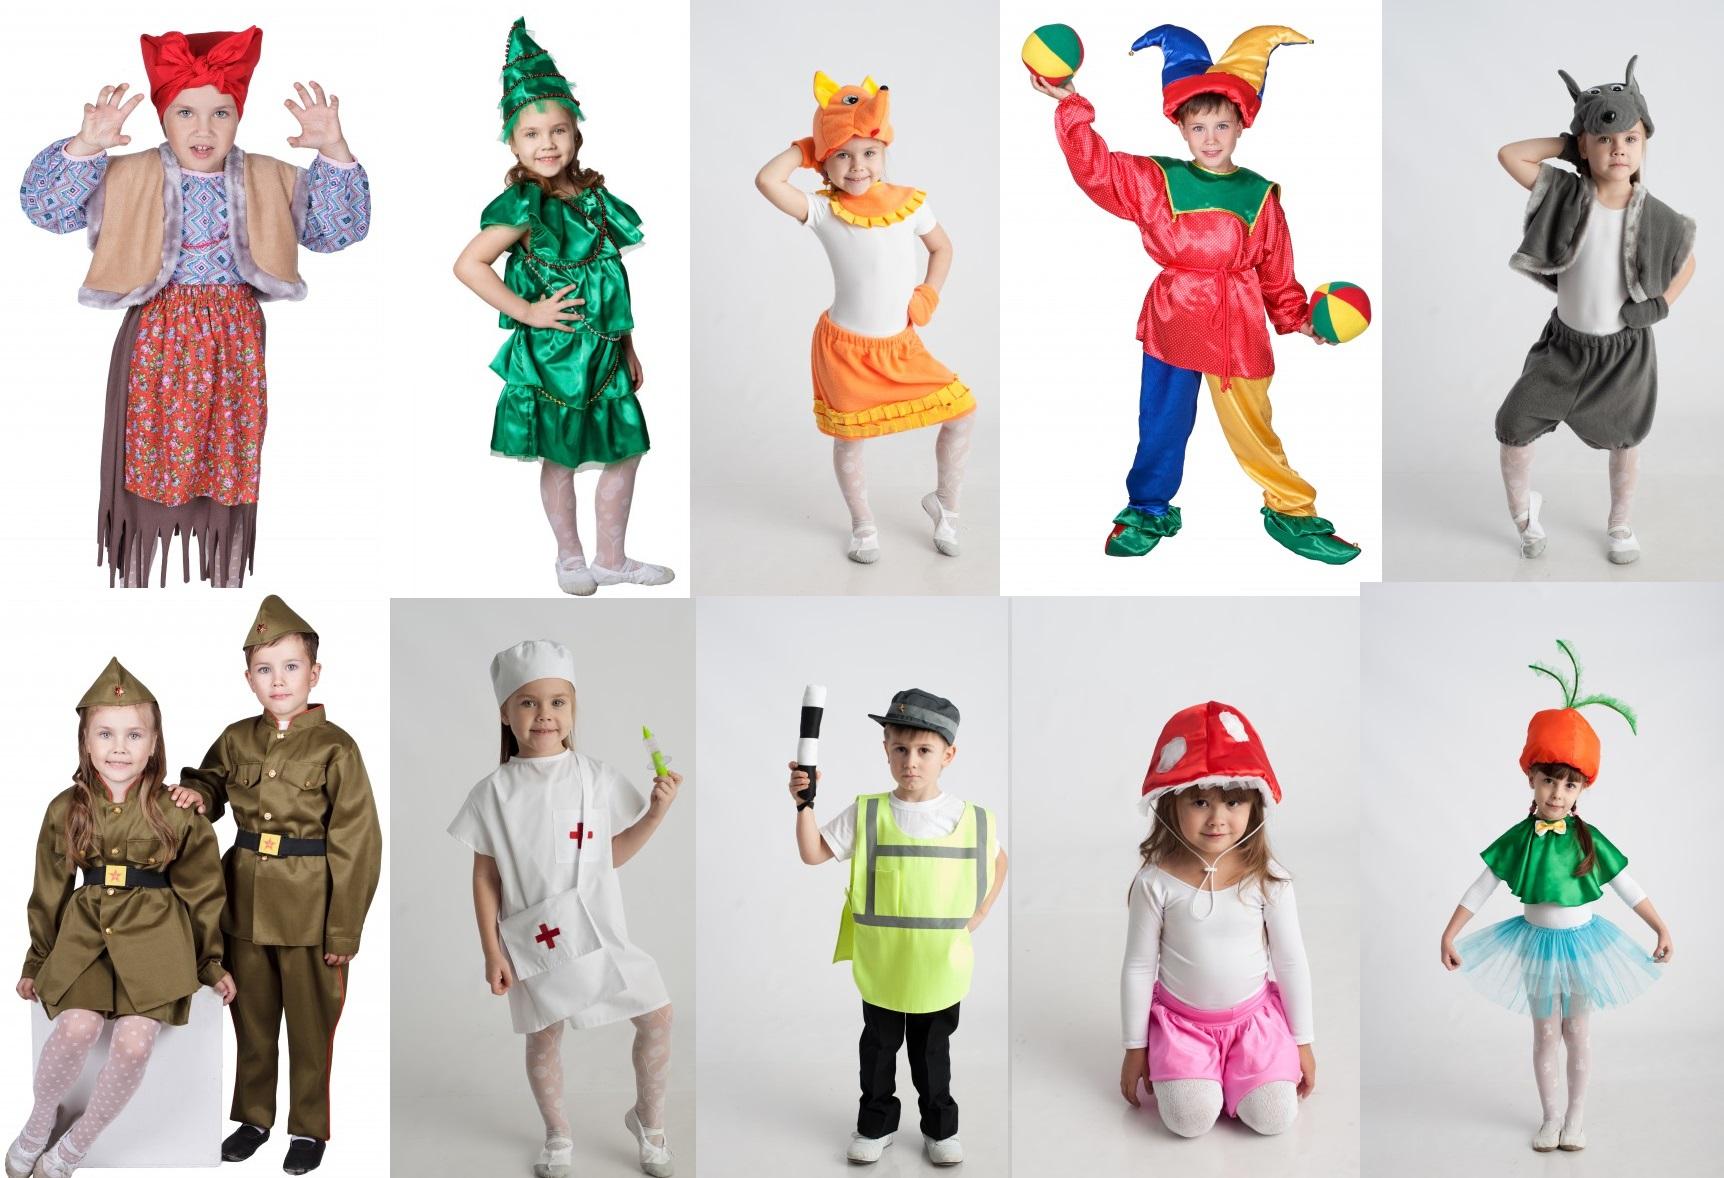 Костюмы для сюжетно-ролевых игр - костюмы доктора, полицейского, повара. Костюмы сказочных персонажей и животных. Овощей и фруктов. Одежда для кукол.